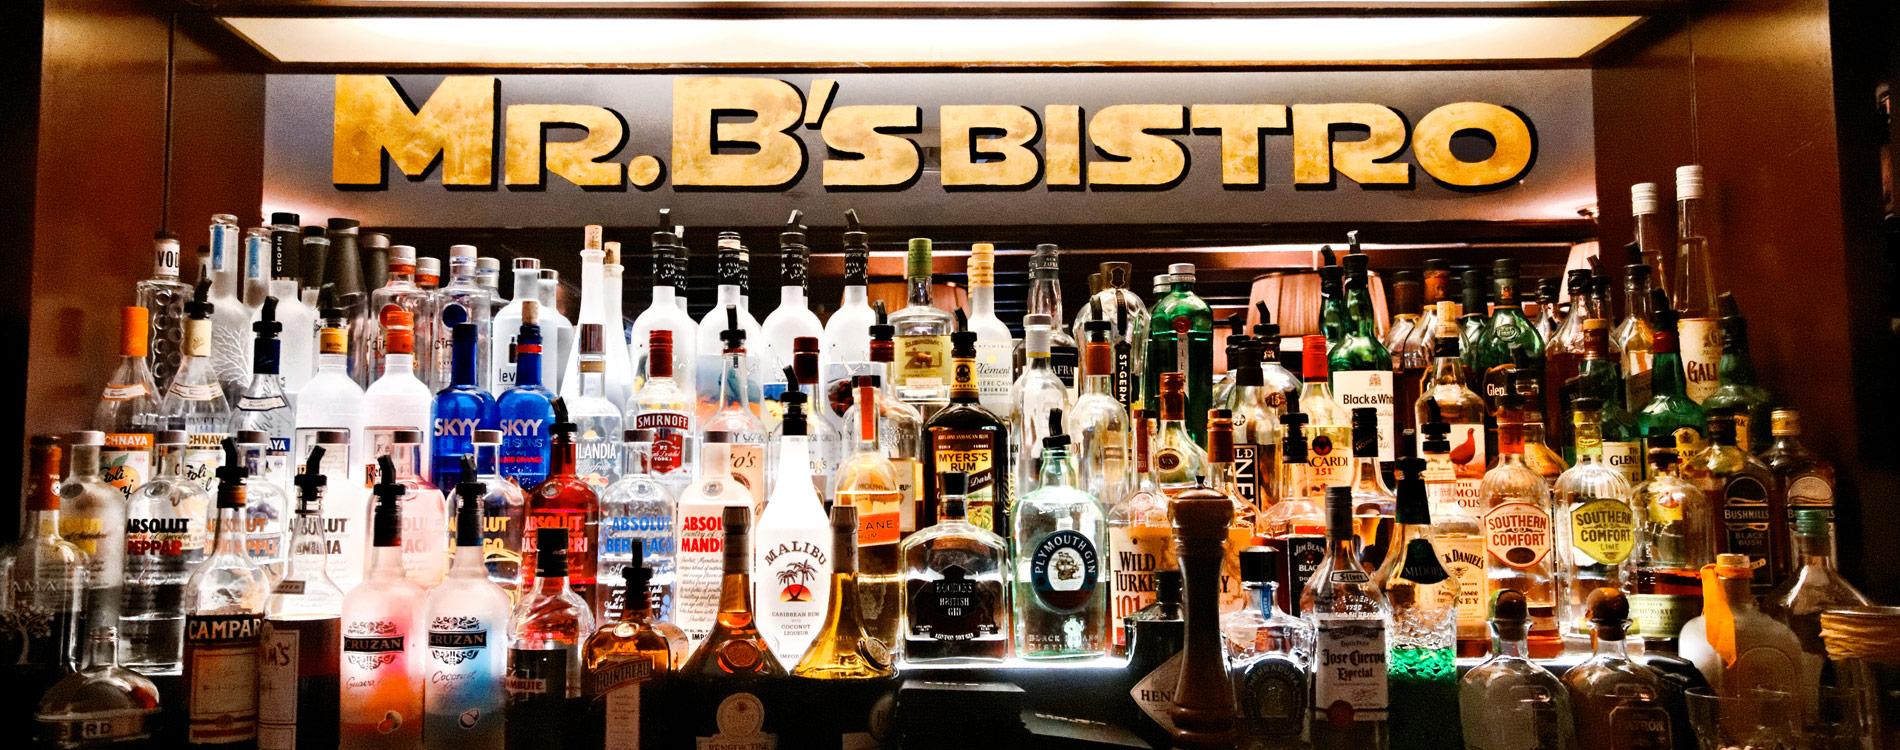 Mr. B's Bistro Restaurant